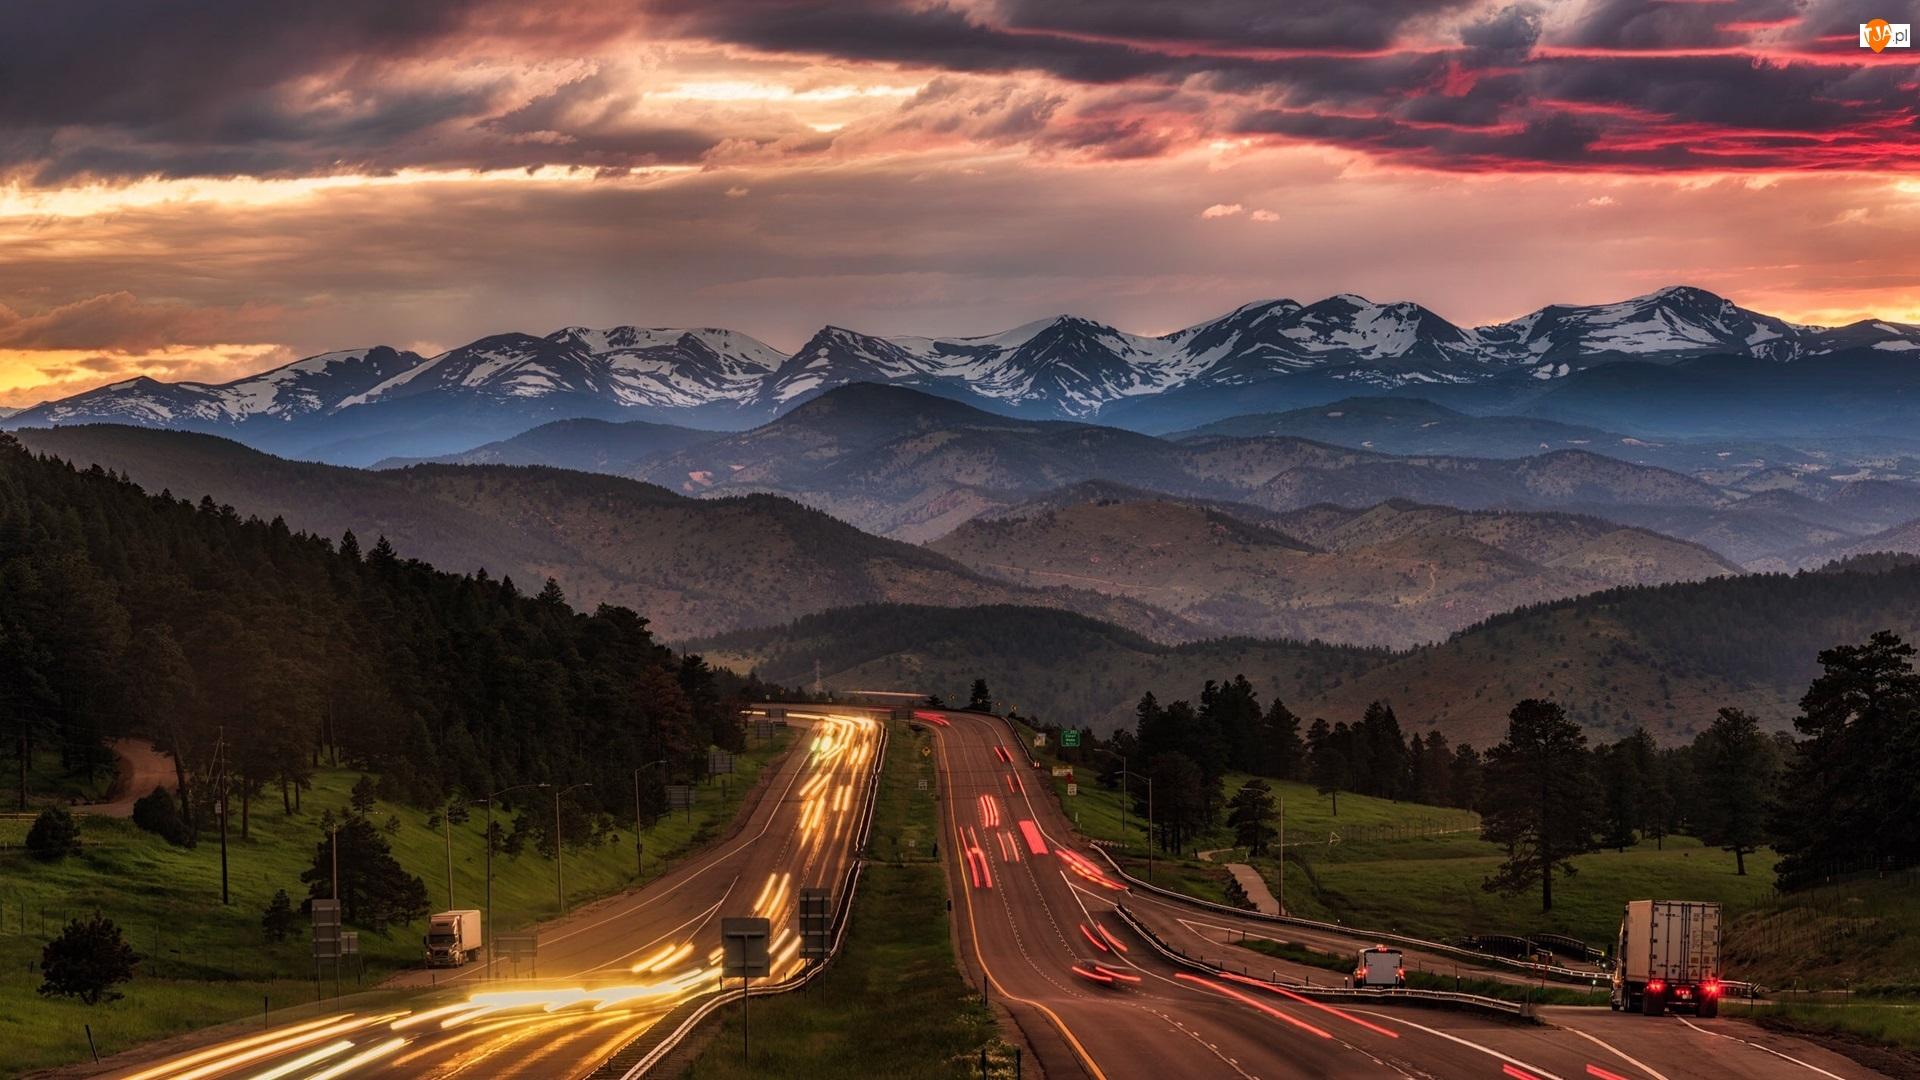 Stany Zjednoczone, Las, Kolorado, Zachód słońca, Chmury, Drzewa, Droga, Góry Skaliste, Światła